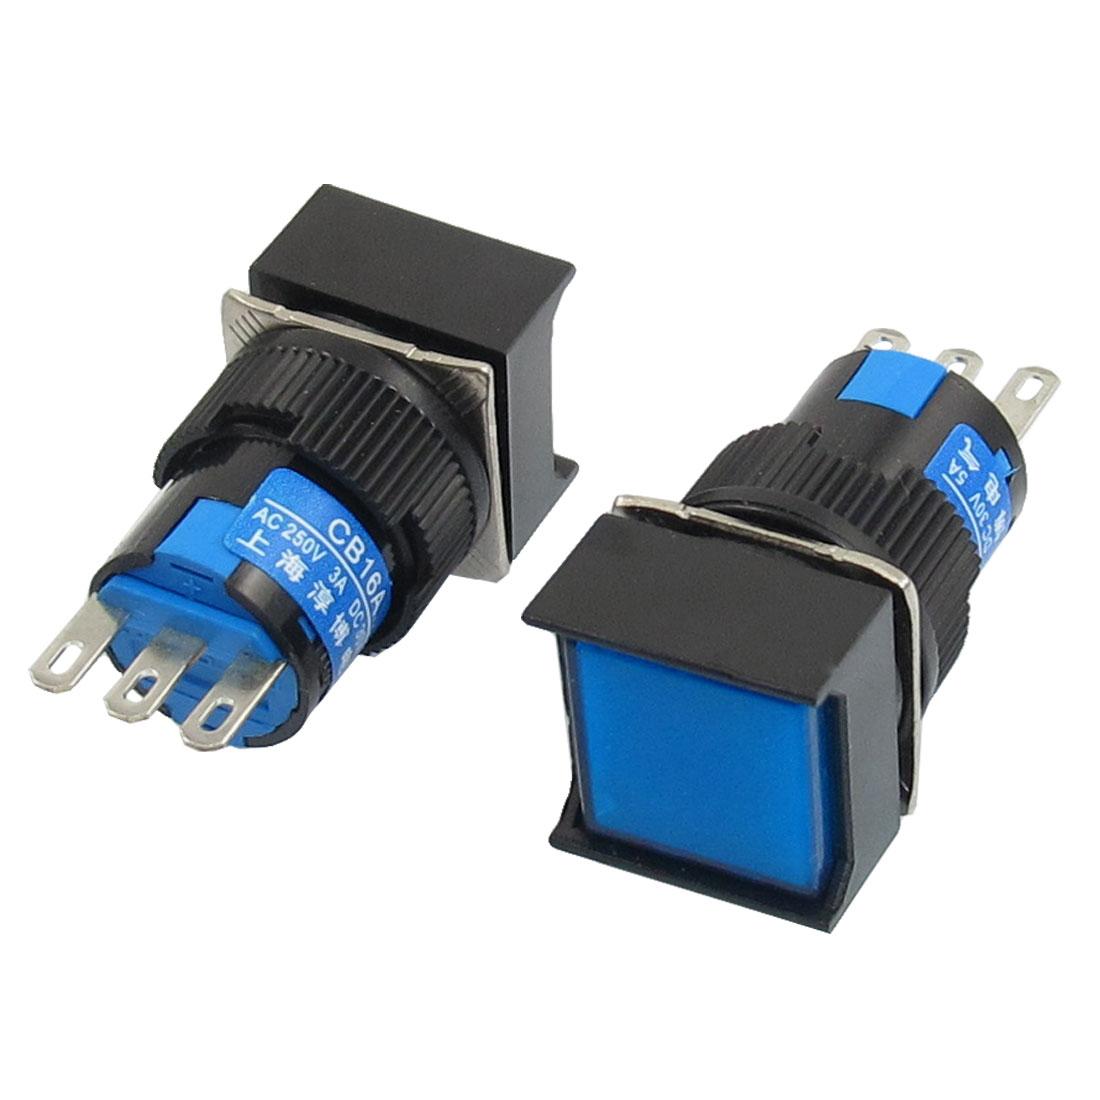 2 Pcs AC 250V 3A DC 30V 5A NO NC Blue Sign Square Latching Push Button Switch